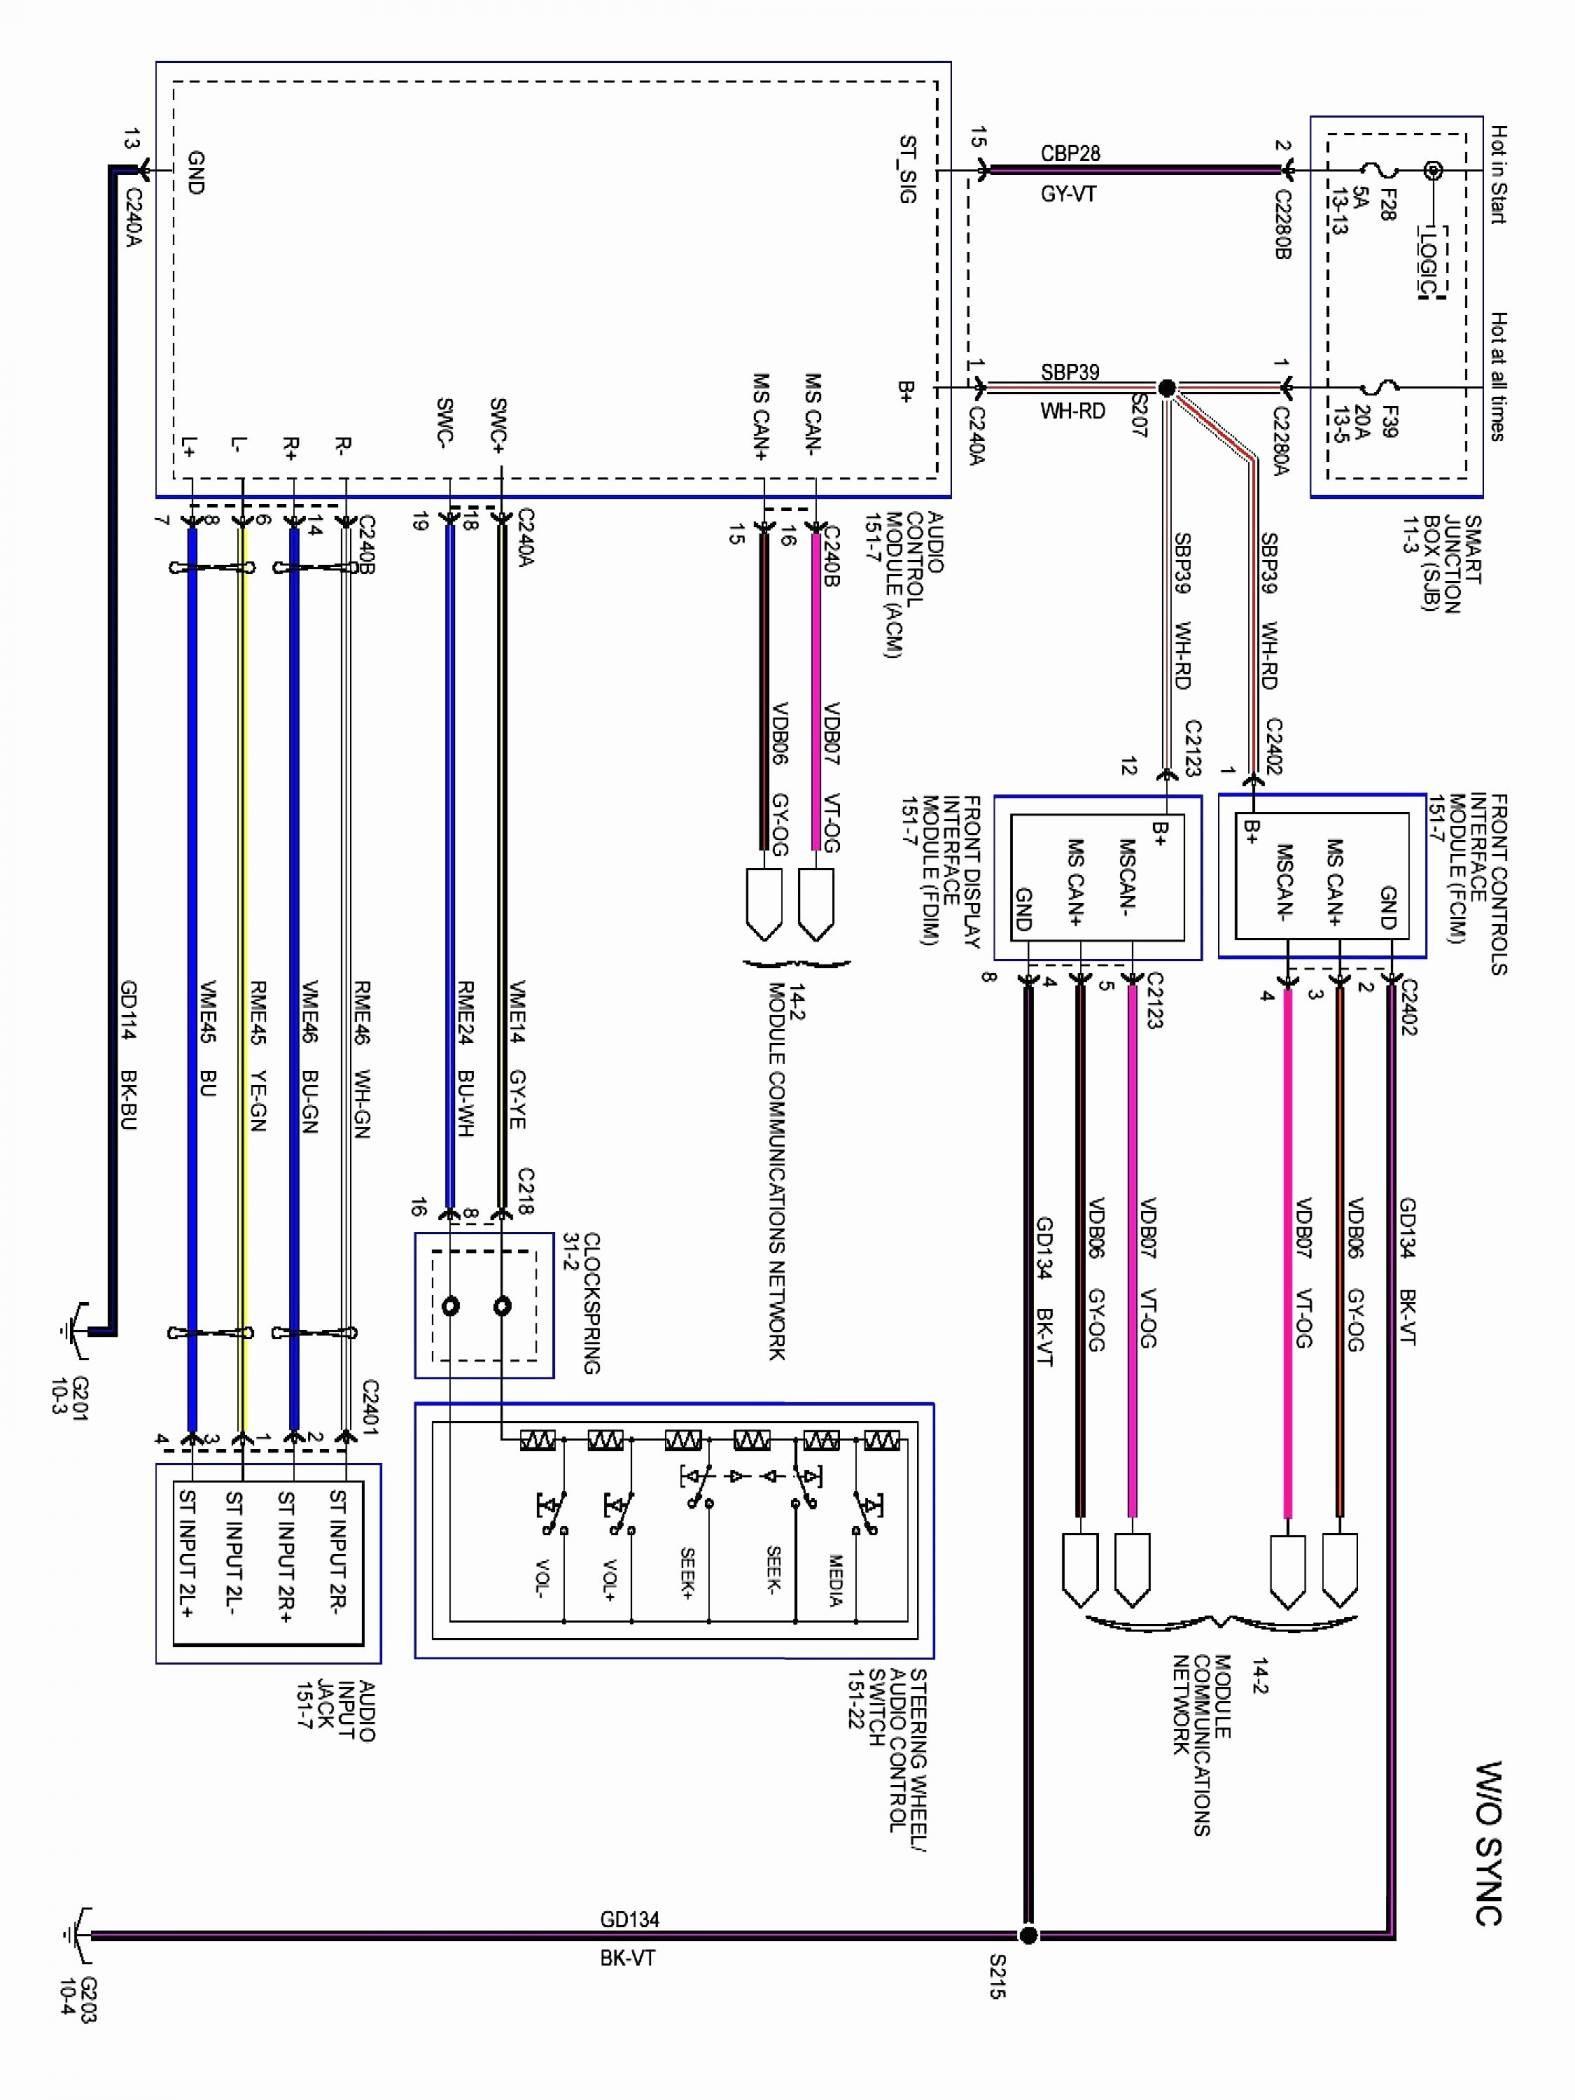 Bottom Of Car Diagram Water Heater Diagram Collection 2018 Of Bottom Of Car Diagram